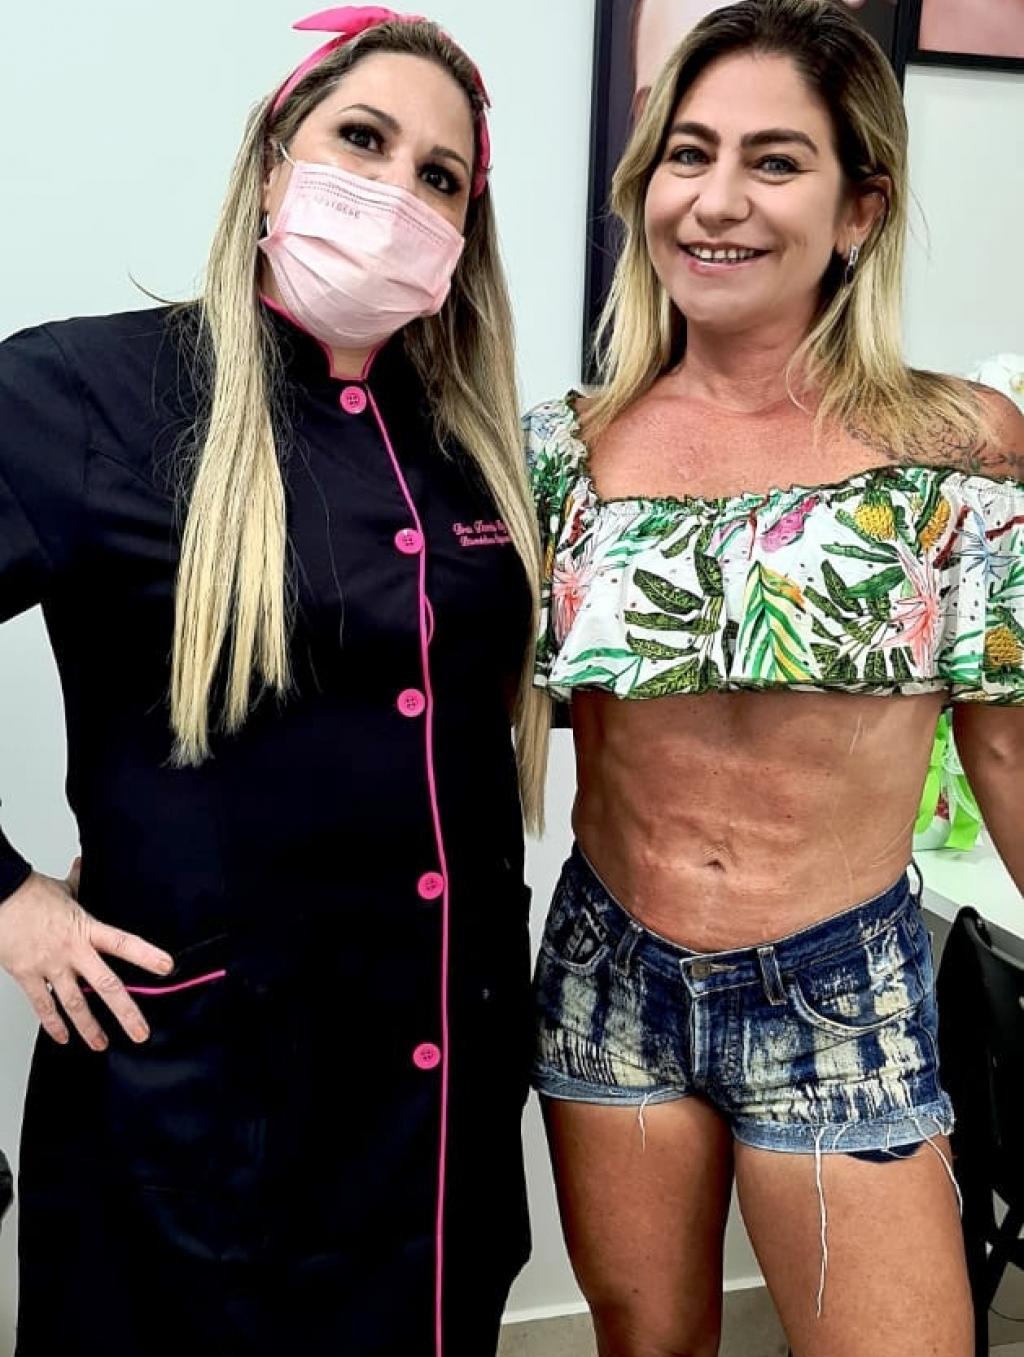 Giro Marília -Definição abdominal - Define e molda o músculo local